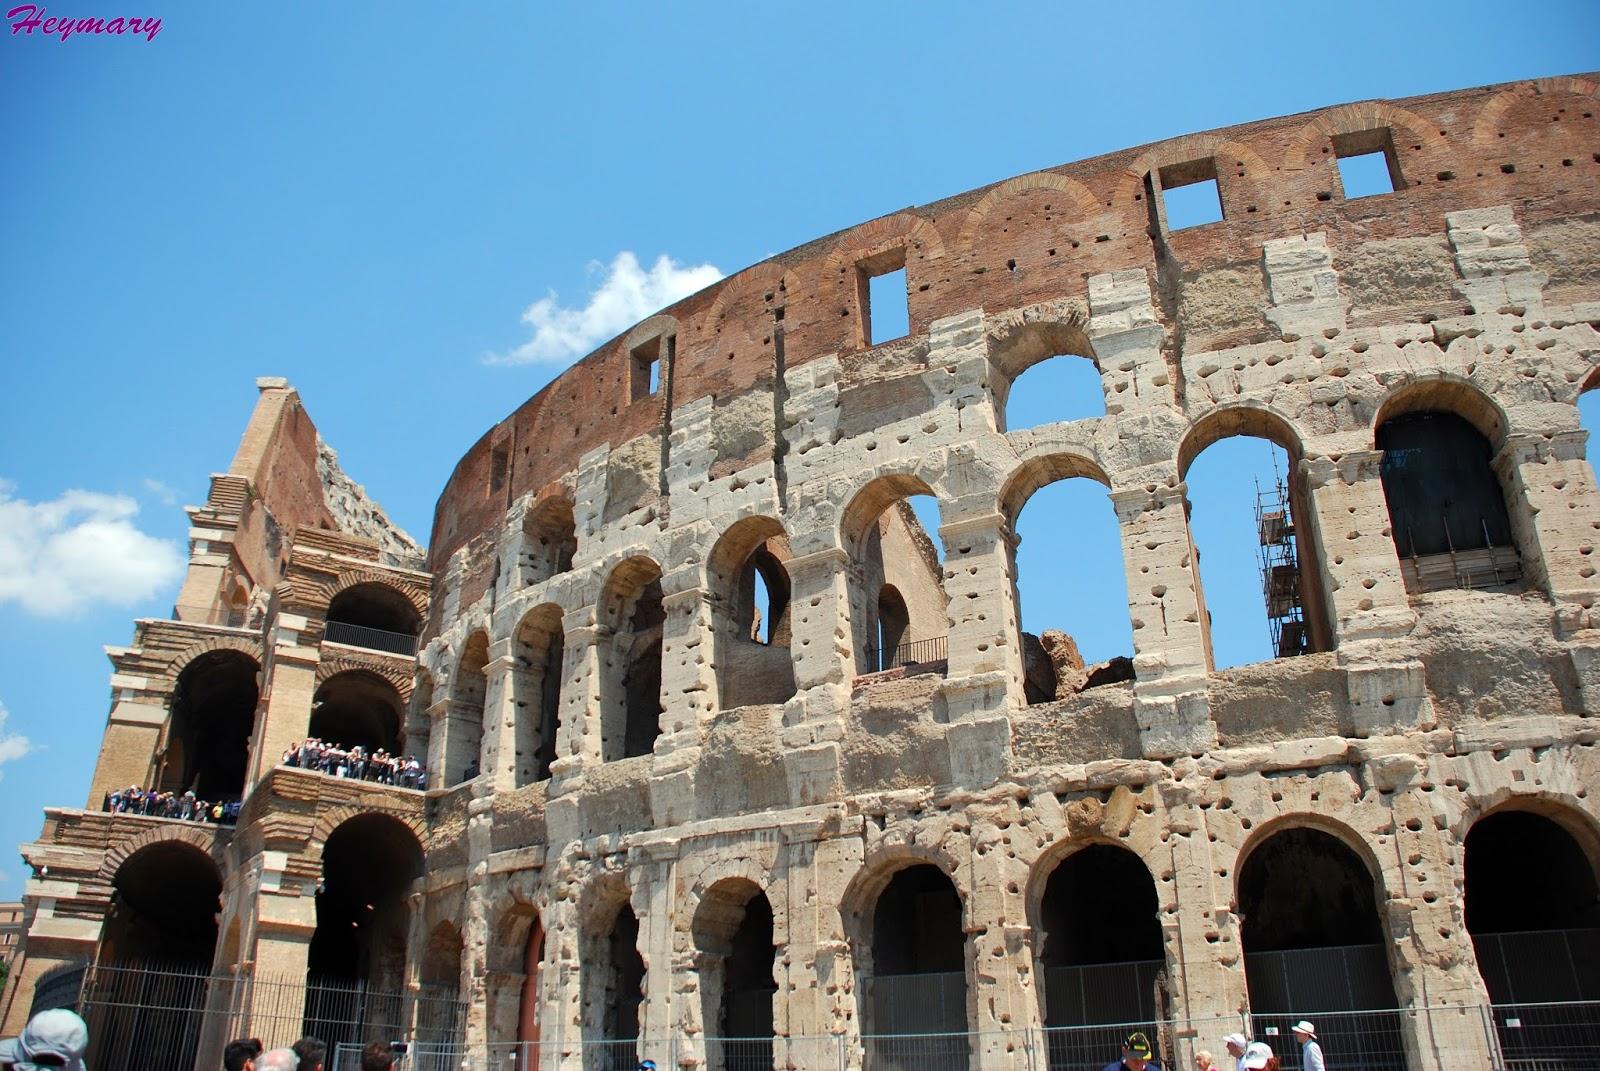 羅馬-法國巴黎 羅馬-巴黎(飛行2h10m) 1聖彼得大教堂 2羅馬競技場(鬥獸場) 君士坦丁凱旋門 3羅馬西班牙台階/許願池(特萊維噴泉)